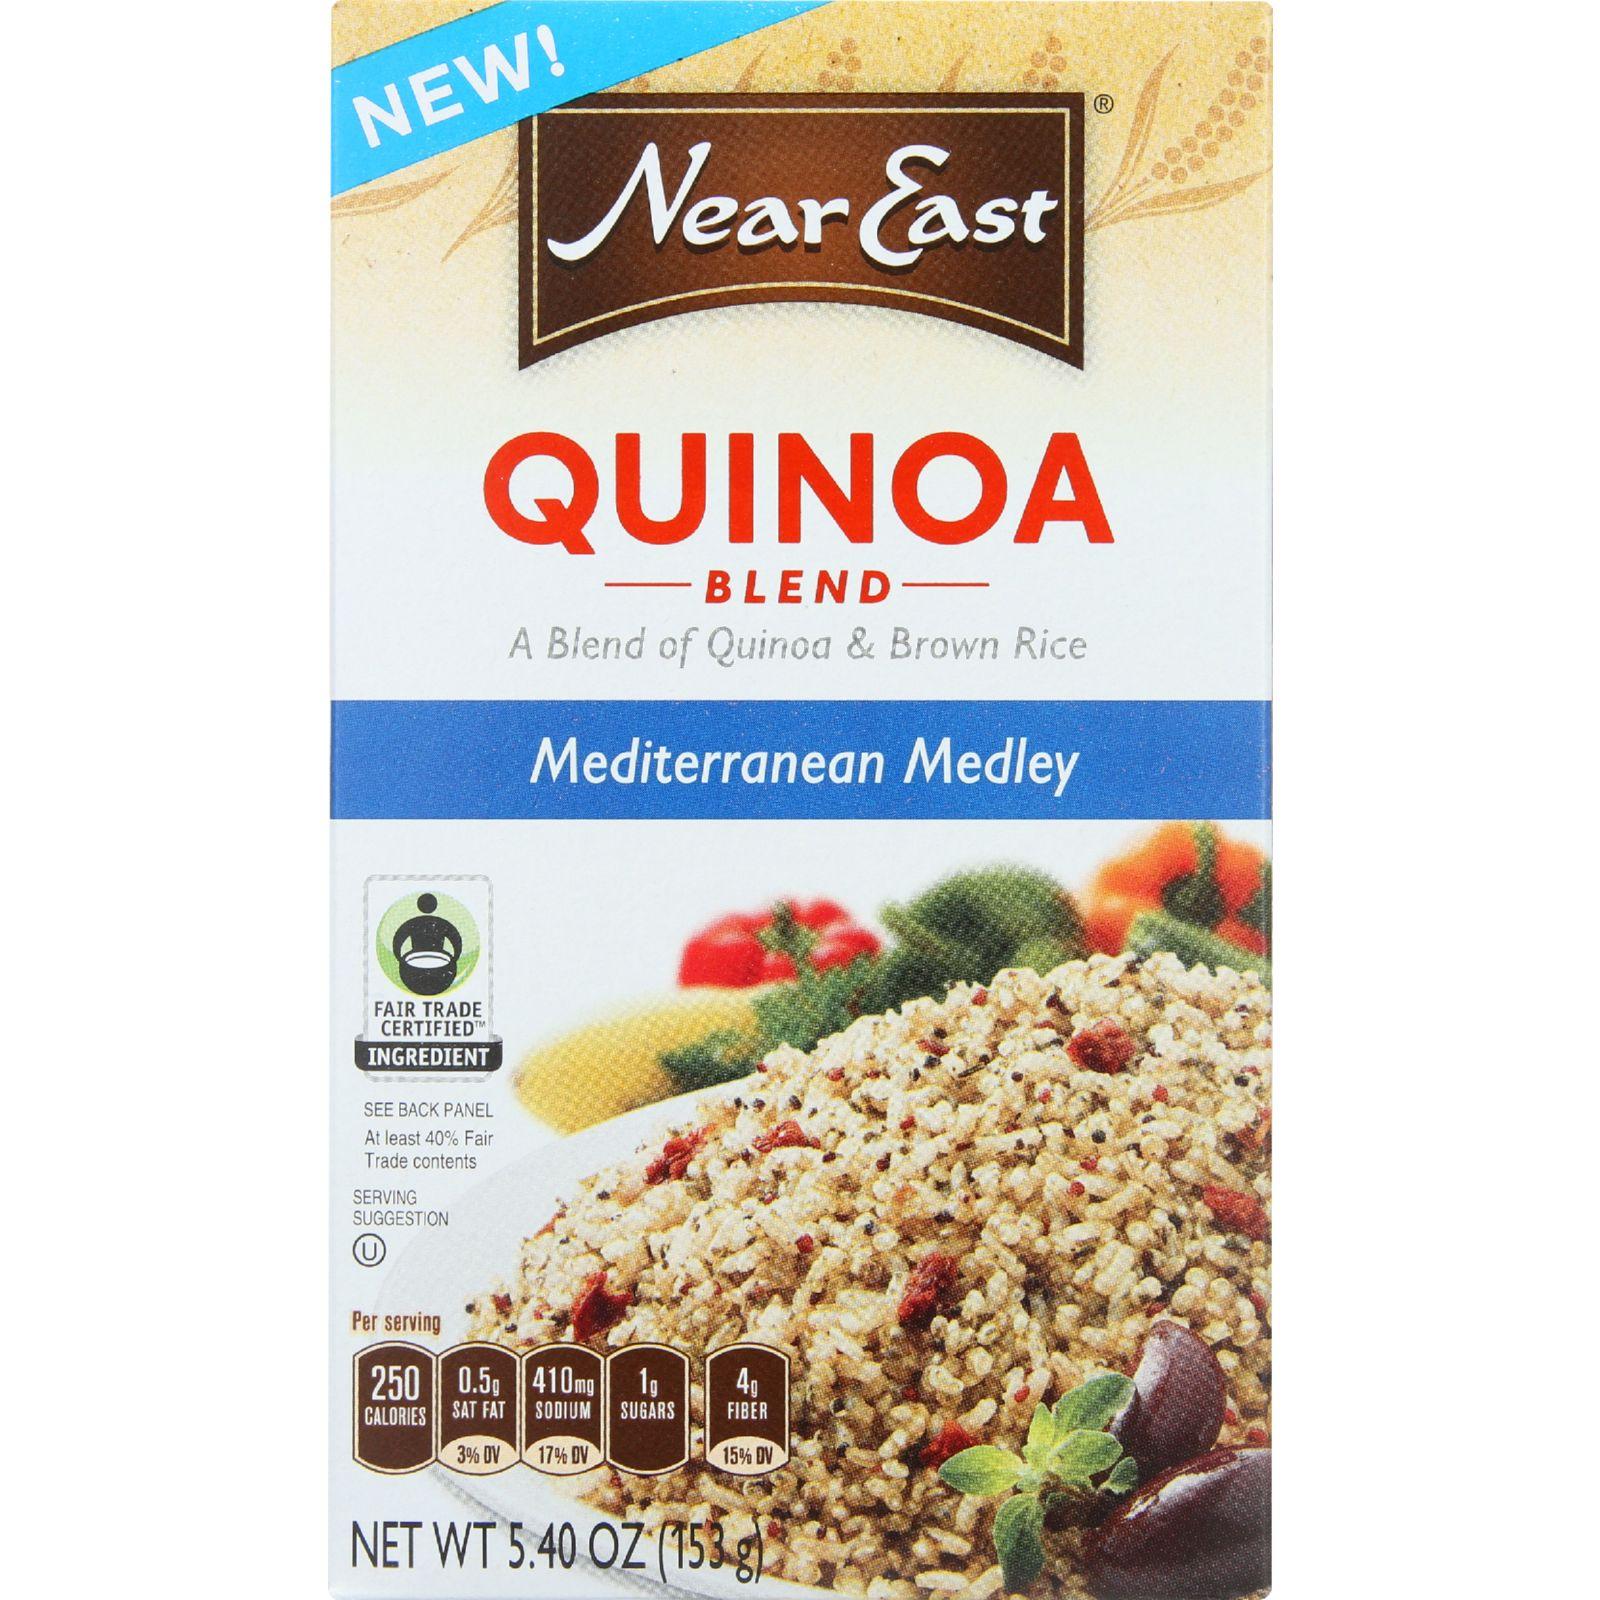 Near East Quinoa Blend - Mediterranean Medley - 5.4 oz - Pack of 12